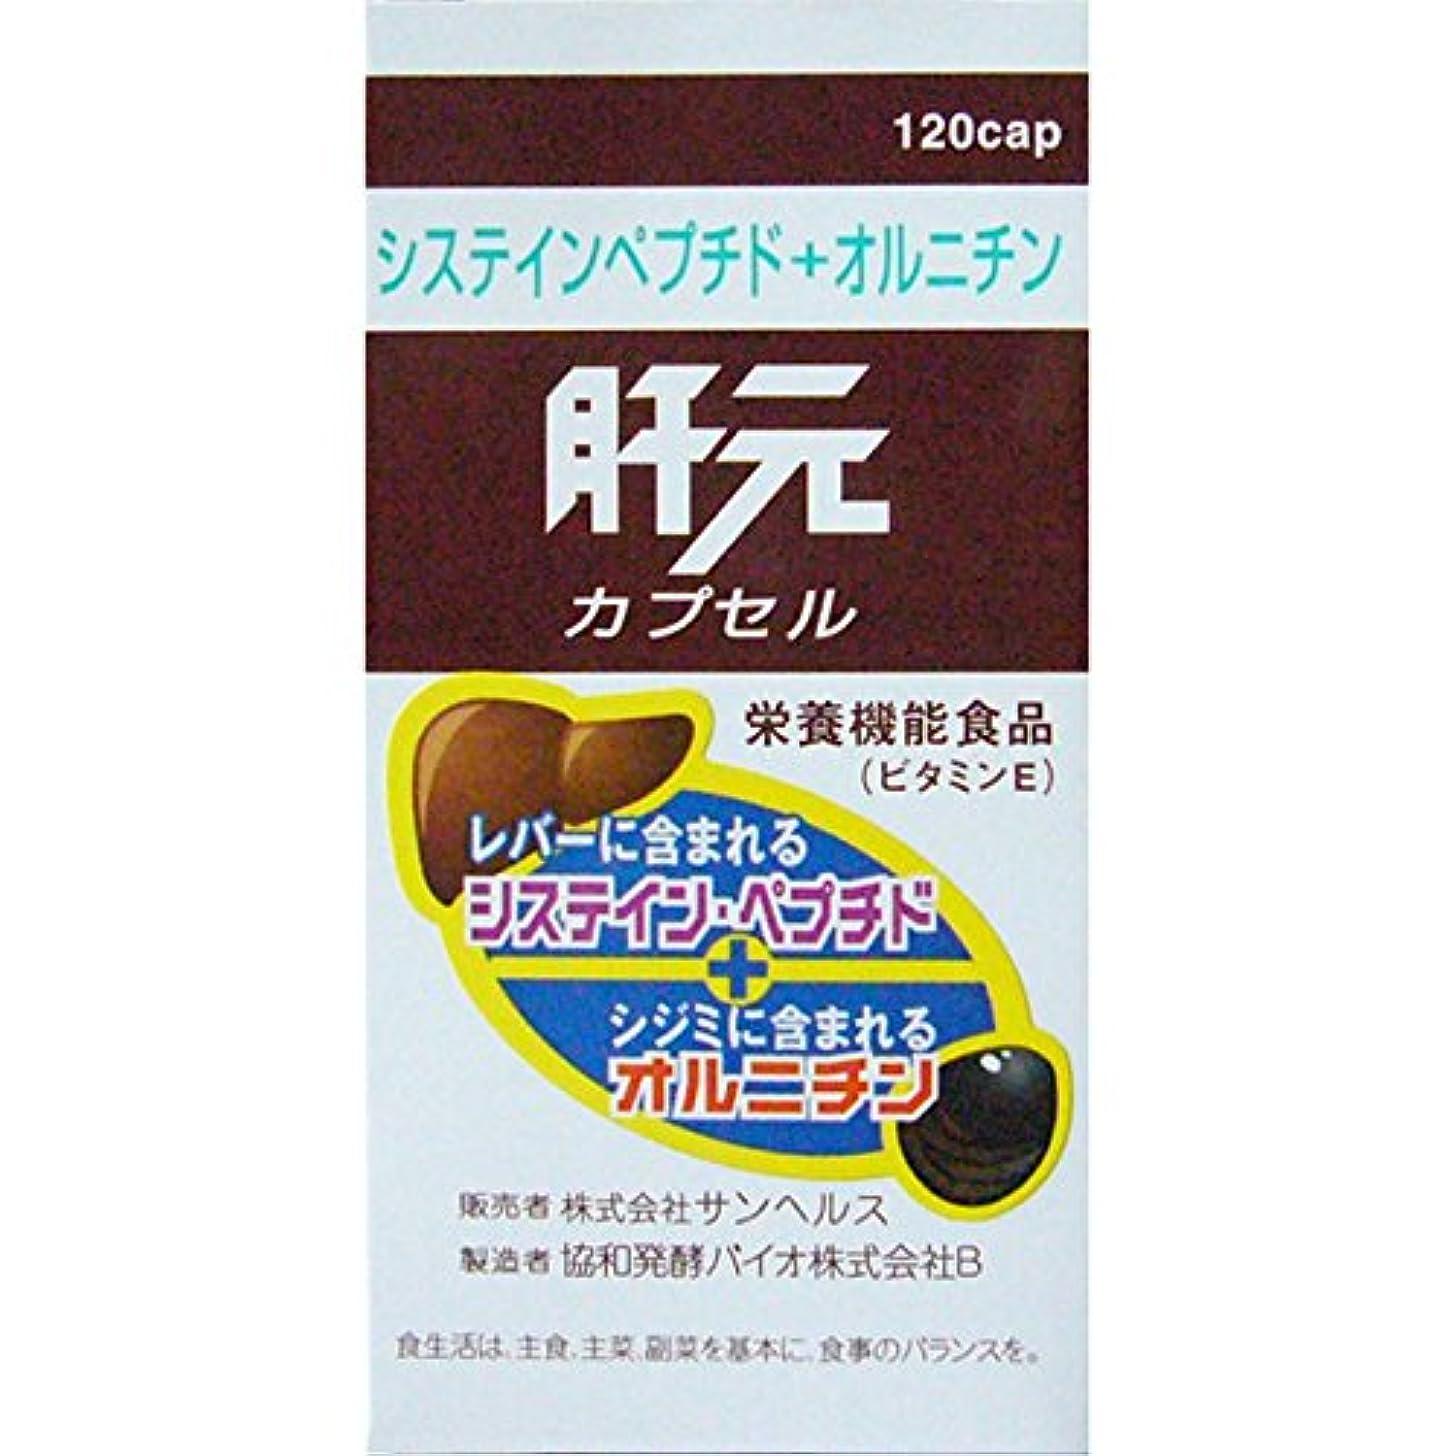 線グラフ製品肝元 栄養機能食品(ビタミンE) 120カプセル